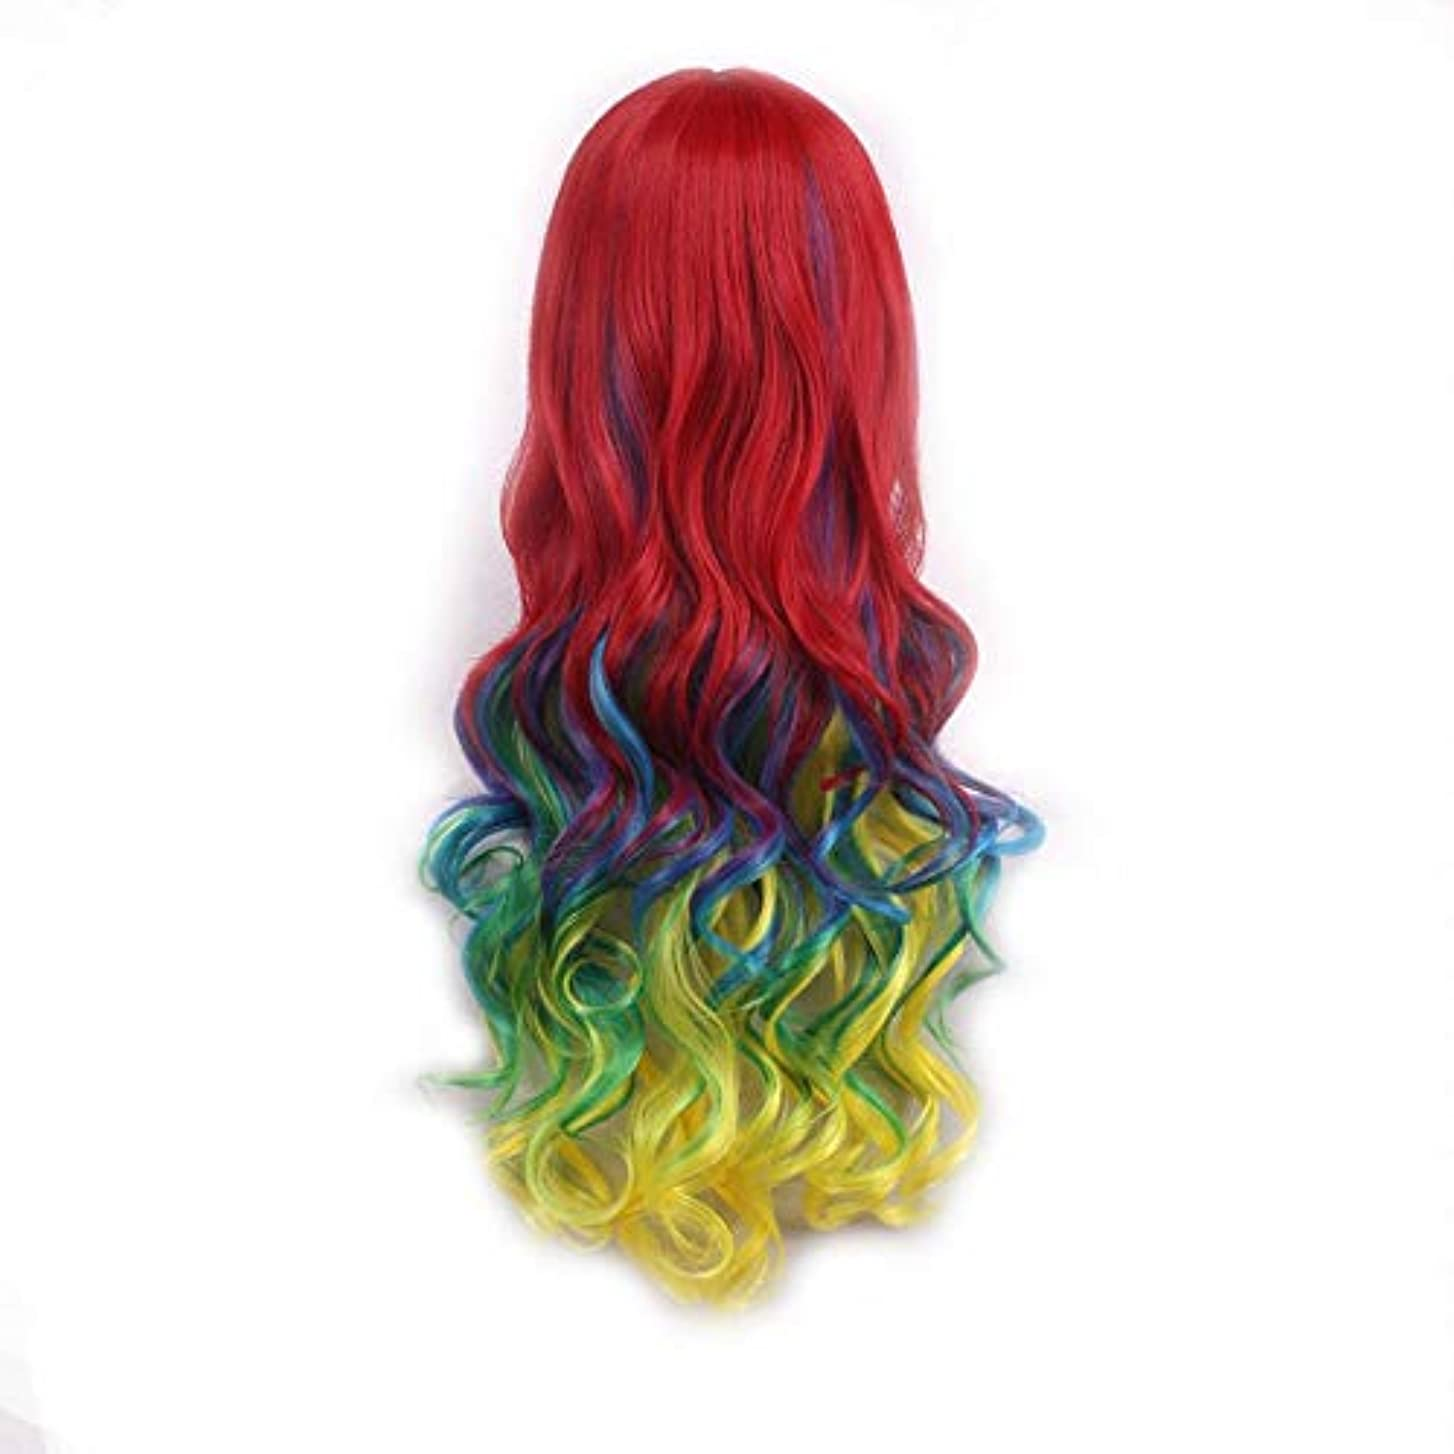 レガシー抑圧者相続人ウィッグキャップウィッグロングファンシードレスストレート&カールウィッグレディース高品質な合成色の髪のコスプレ高密度ウィッグ女性と女の子 (Color : Curls)